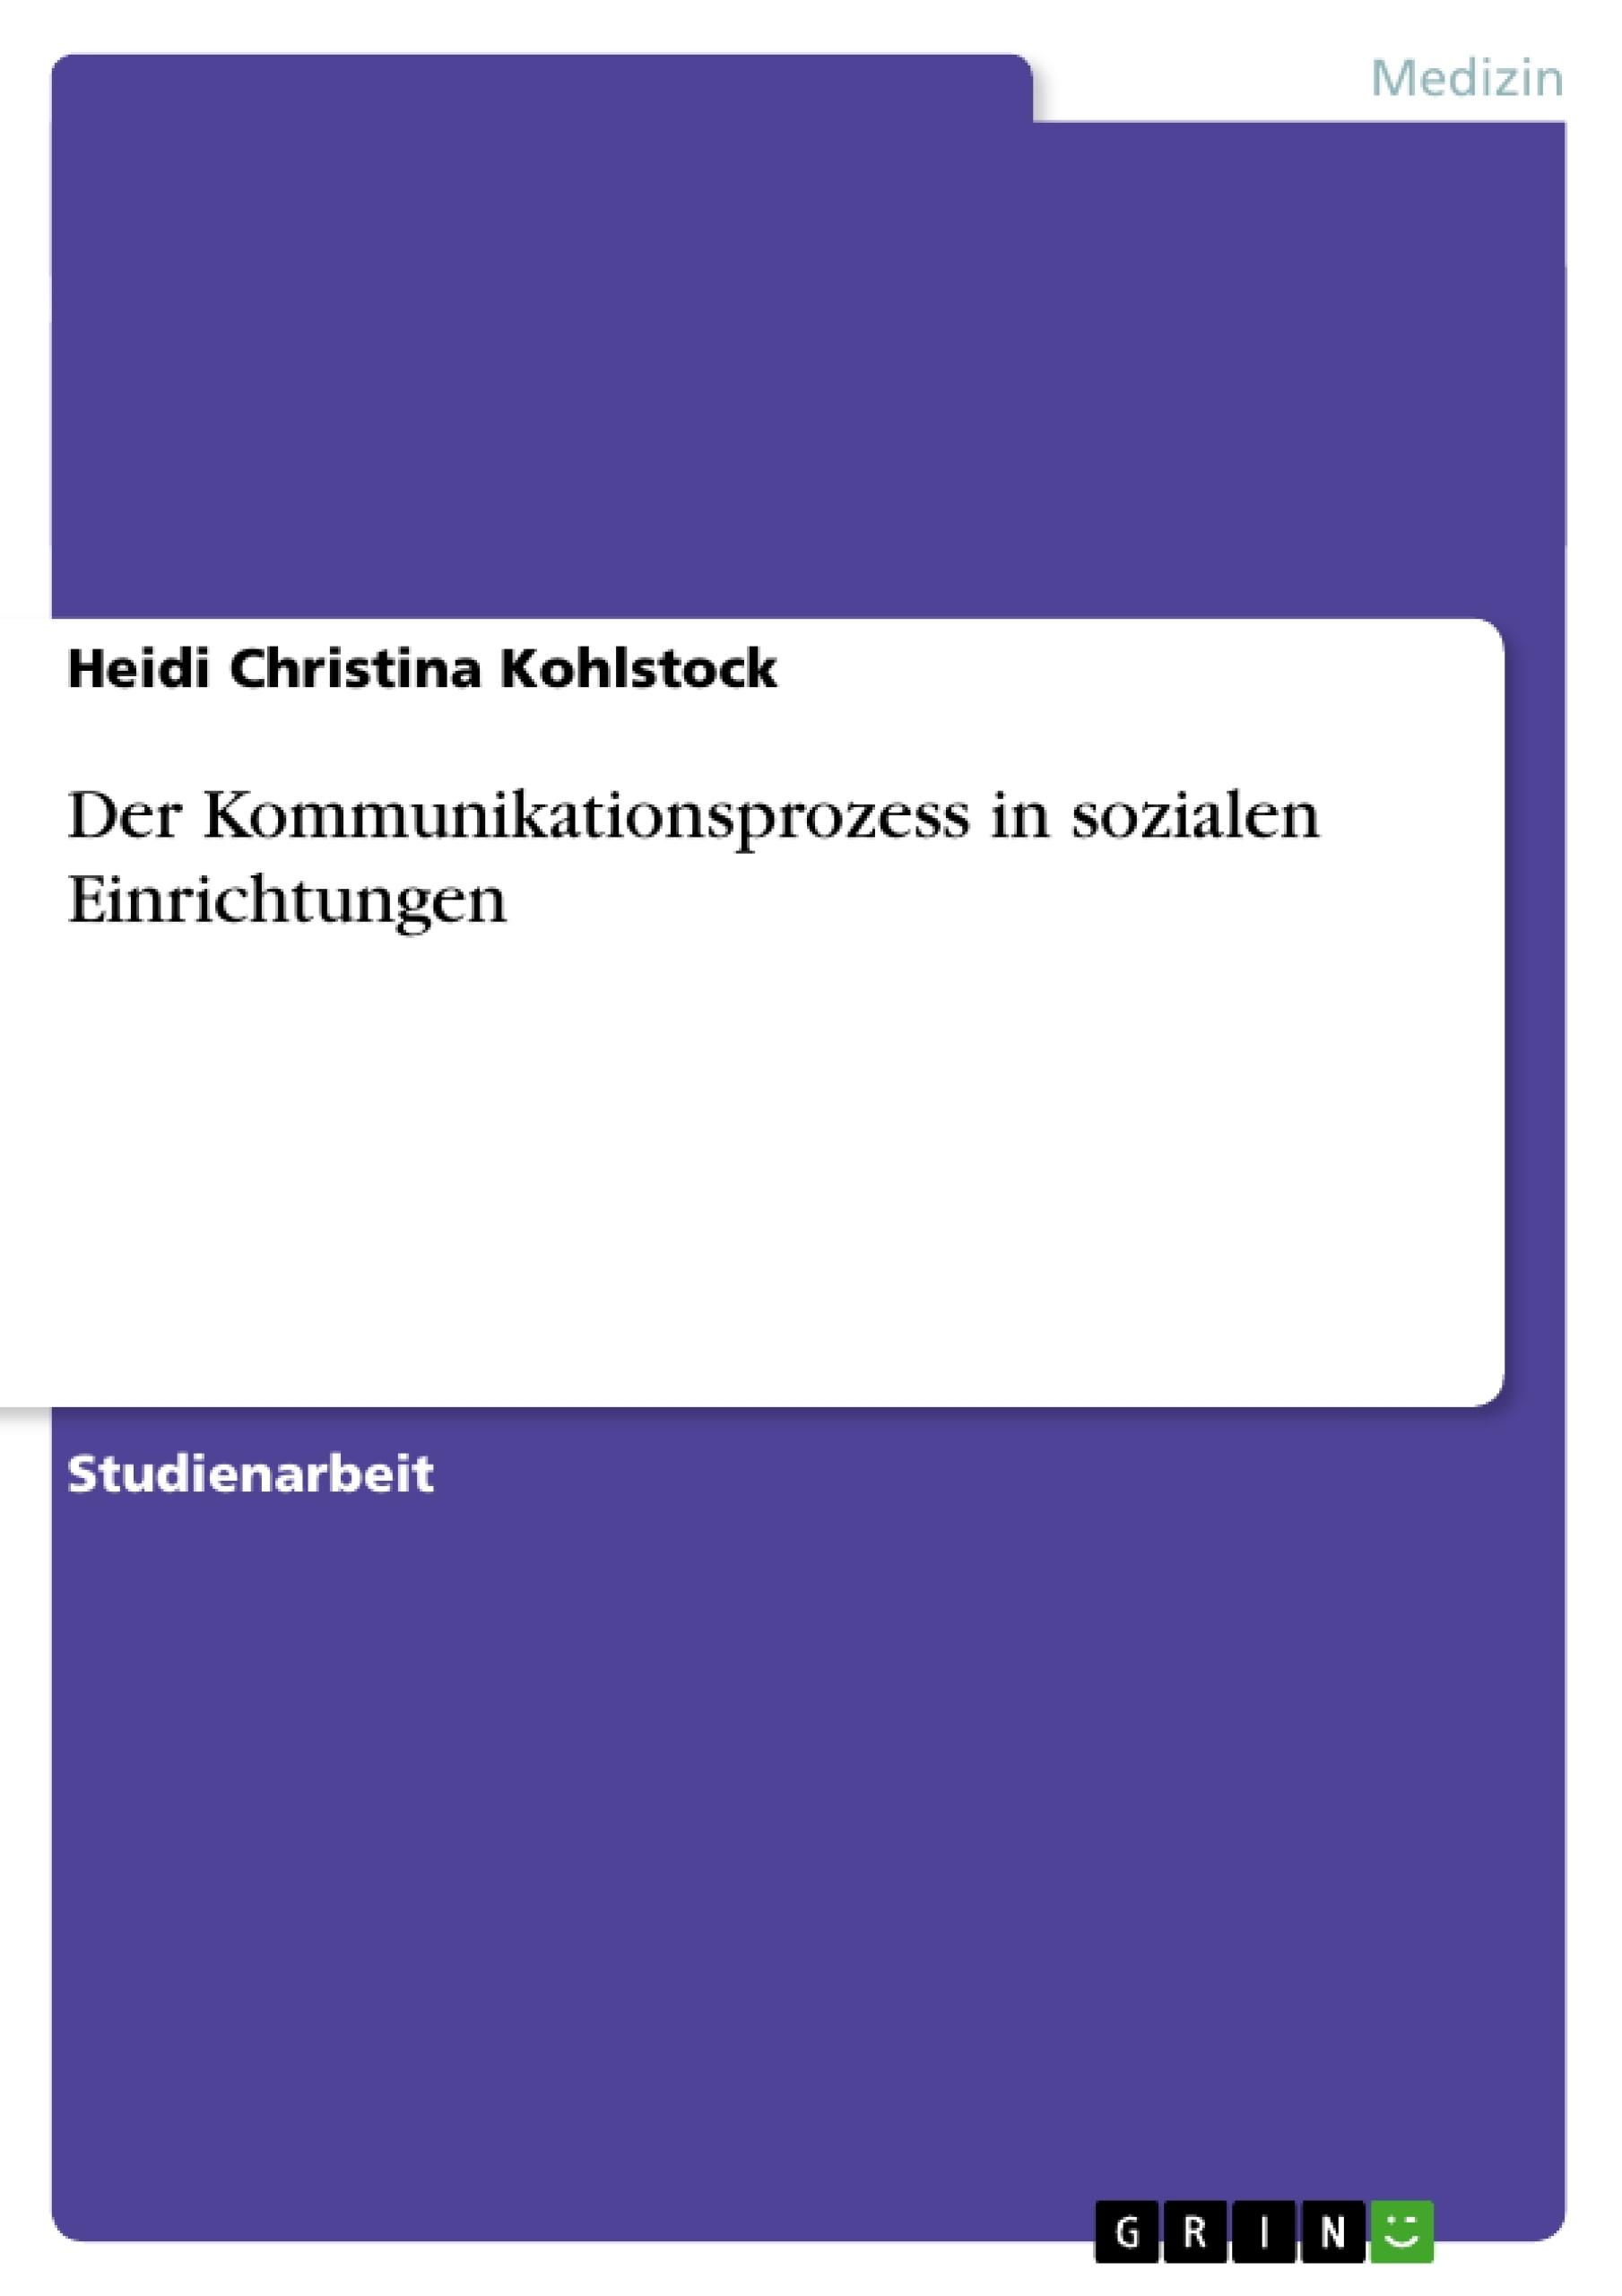 Titel: Der Kommunikationsprozess in sozialen Einrichtungen